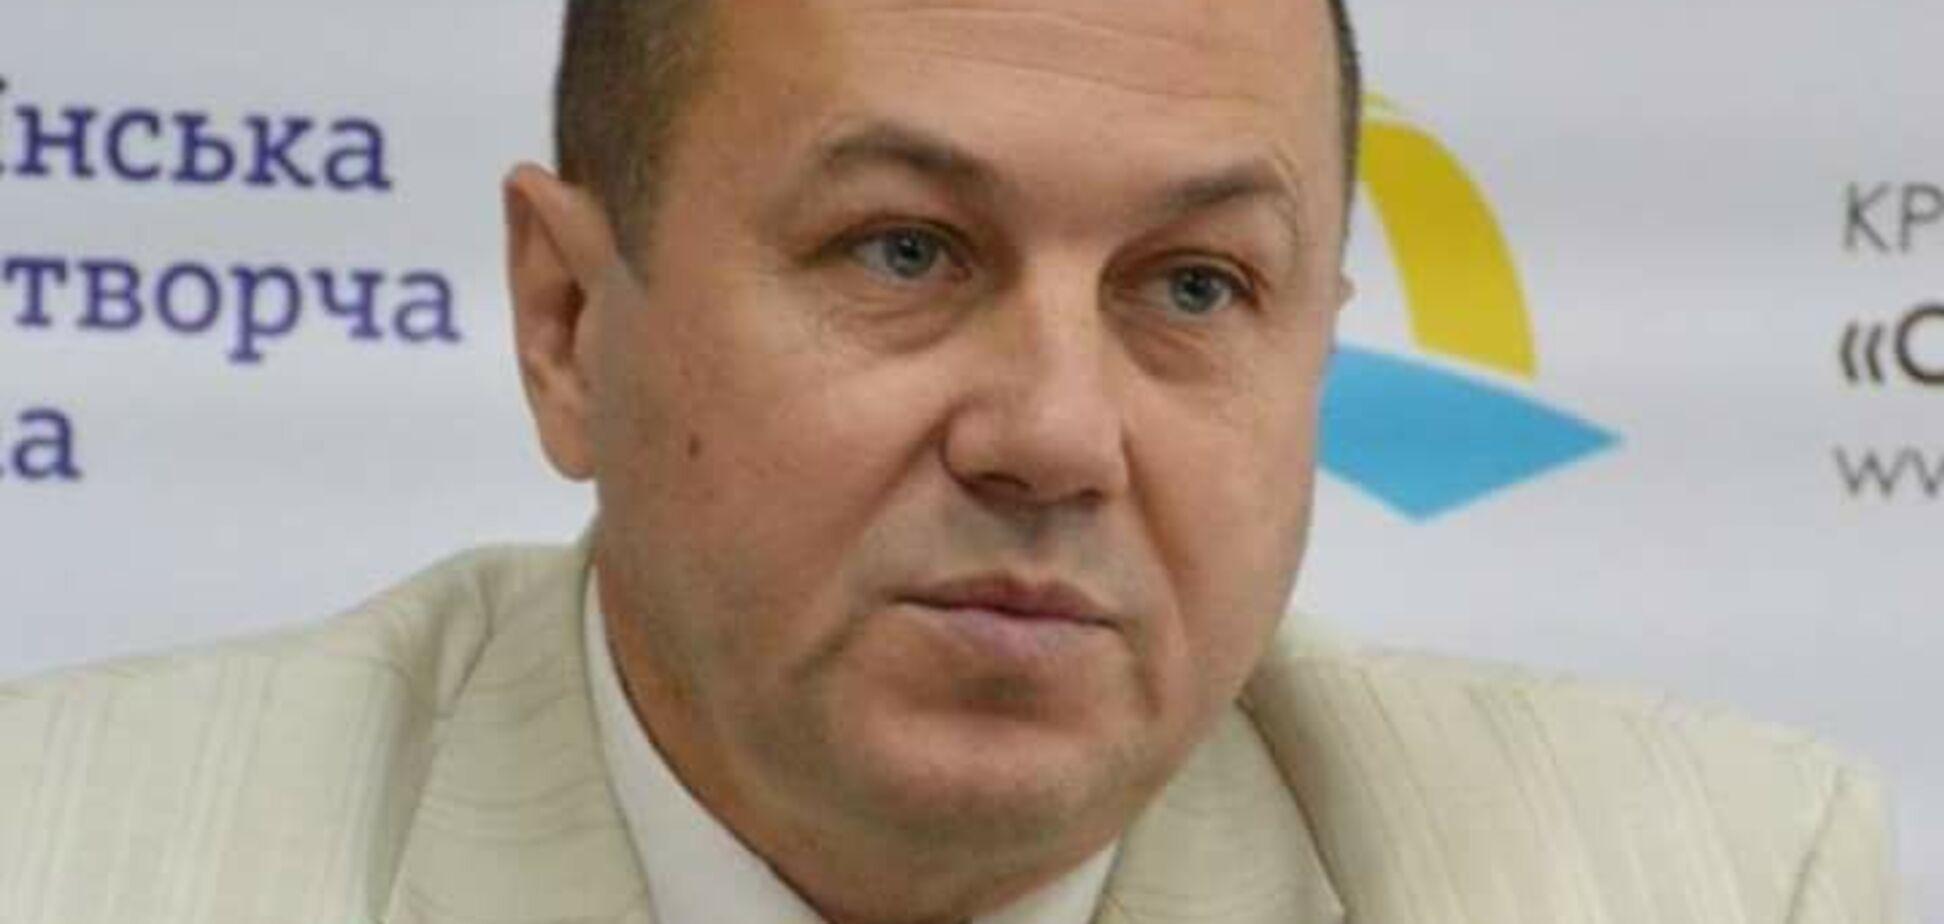 Убийство Самарского на Донбассе: что говорят о погибшем в сети